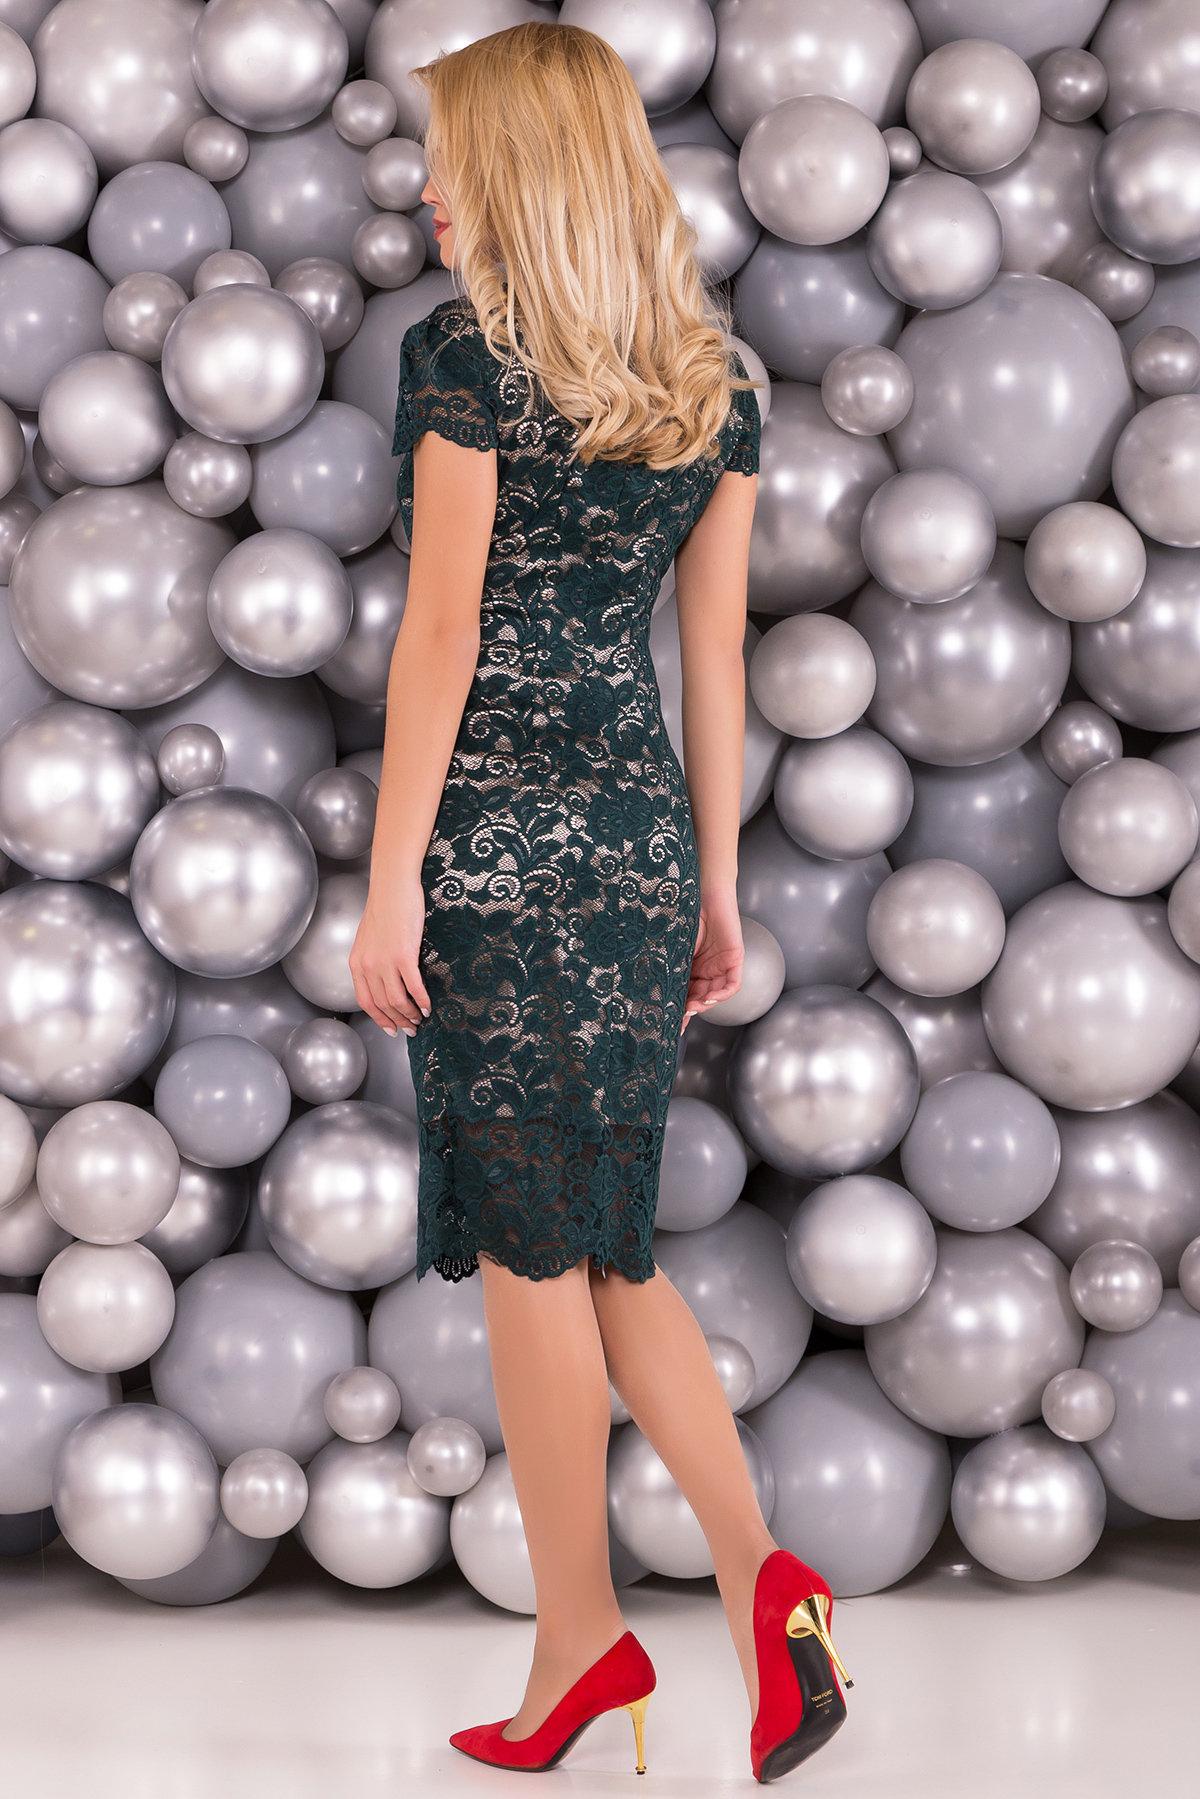 Платье Лук 4105 АРТ. 20779 Цвет: Зеленый Темный/бежевый - фото 2, интернет магазин tm-modus.ru